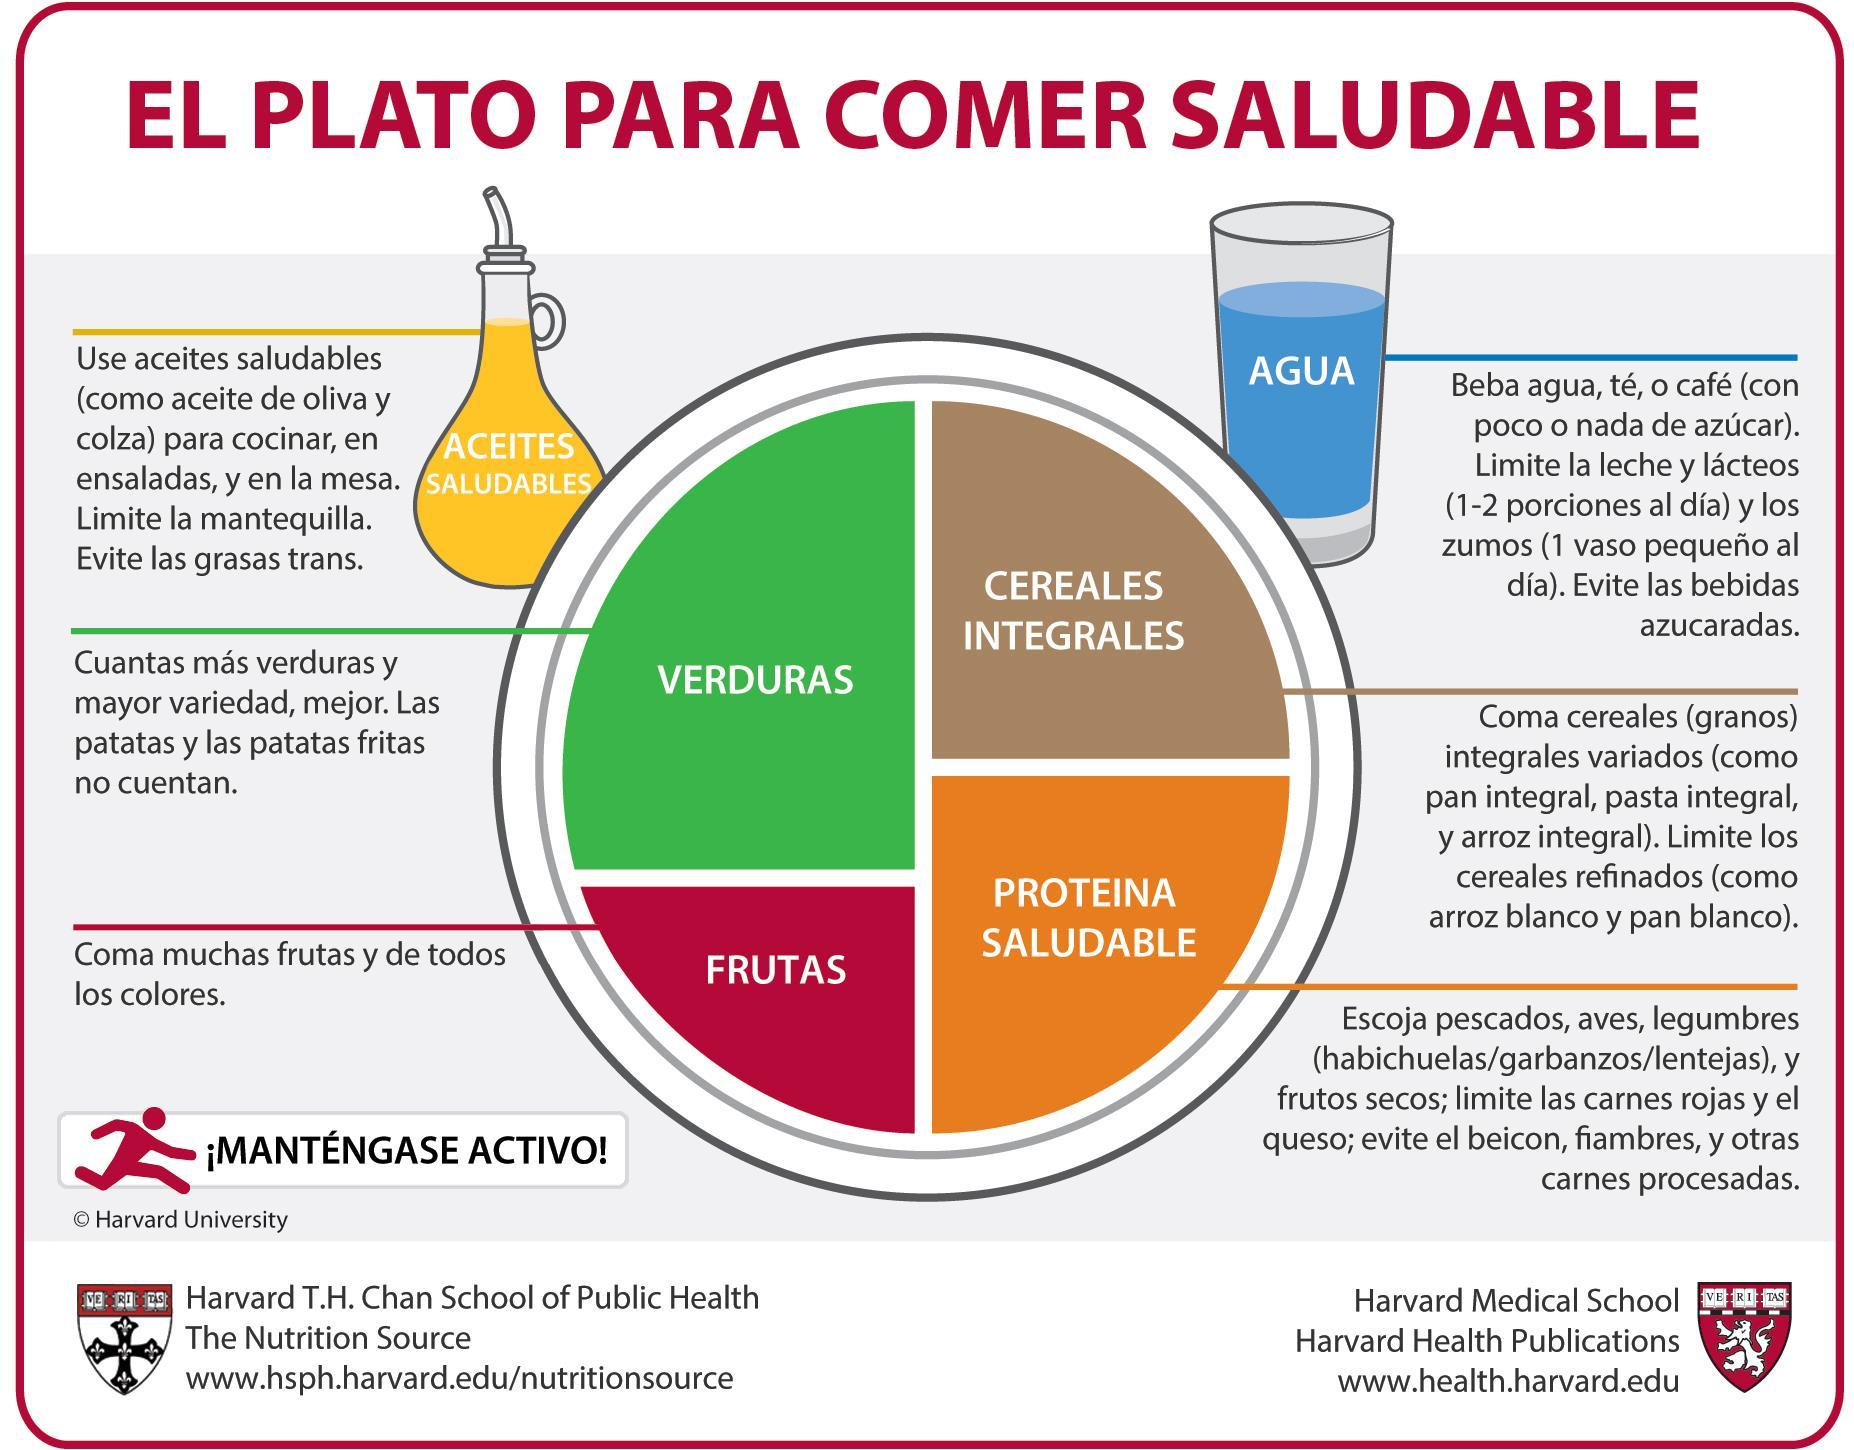 Verduras frescas, frutas y hábitos saludablles son la receta para afrontar el coronavirus-joseantonioarcos.es